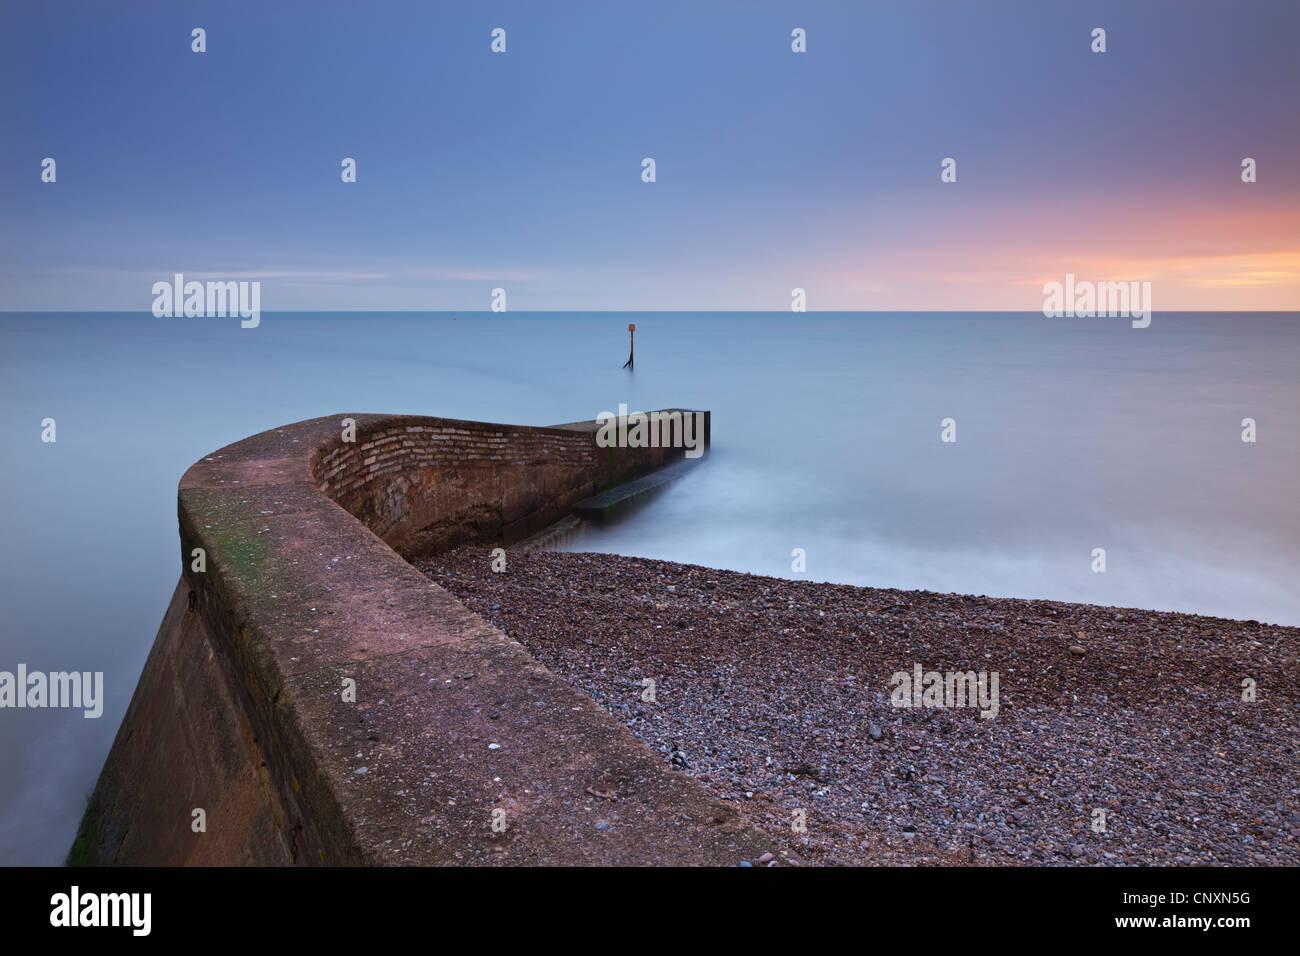 Jetée de pierre sur la plage au coucher du soleil, Sidmouth, Cornwall, Devon, Angleterre. L'hiver (Janvier) Photo Stock